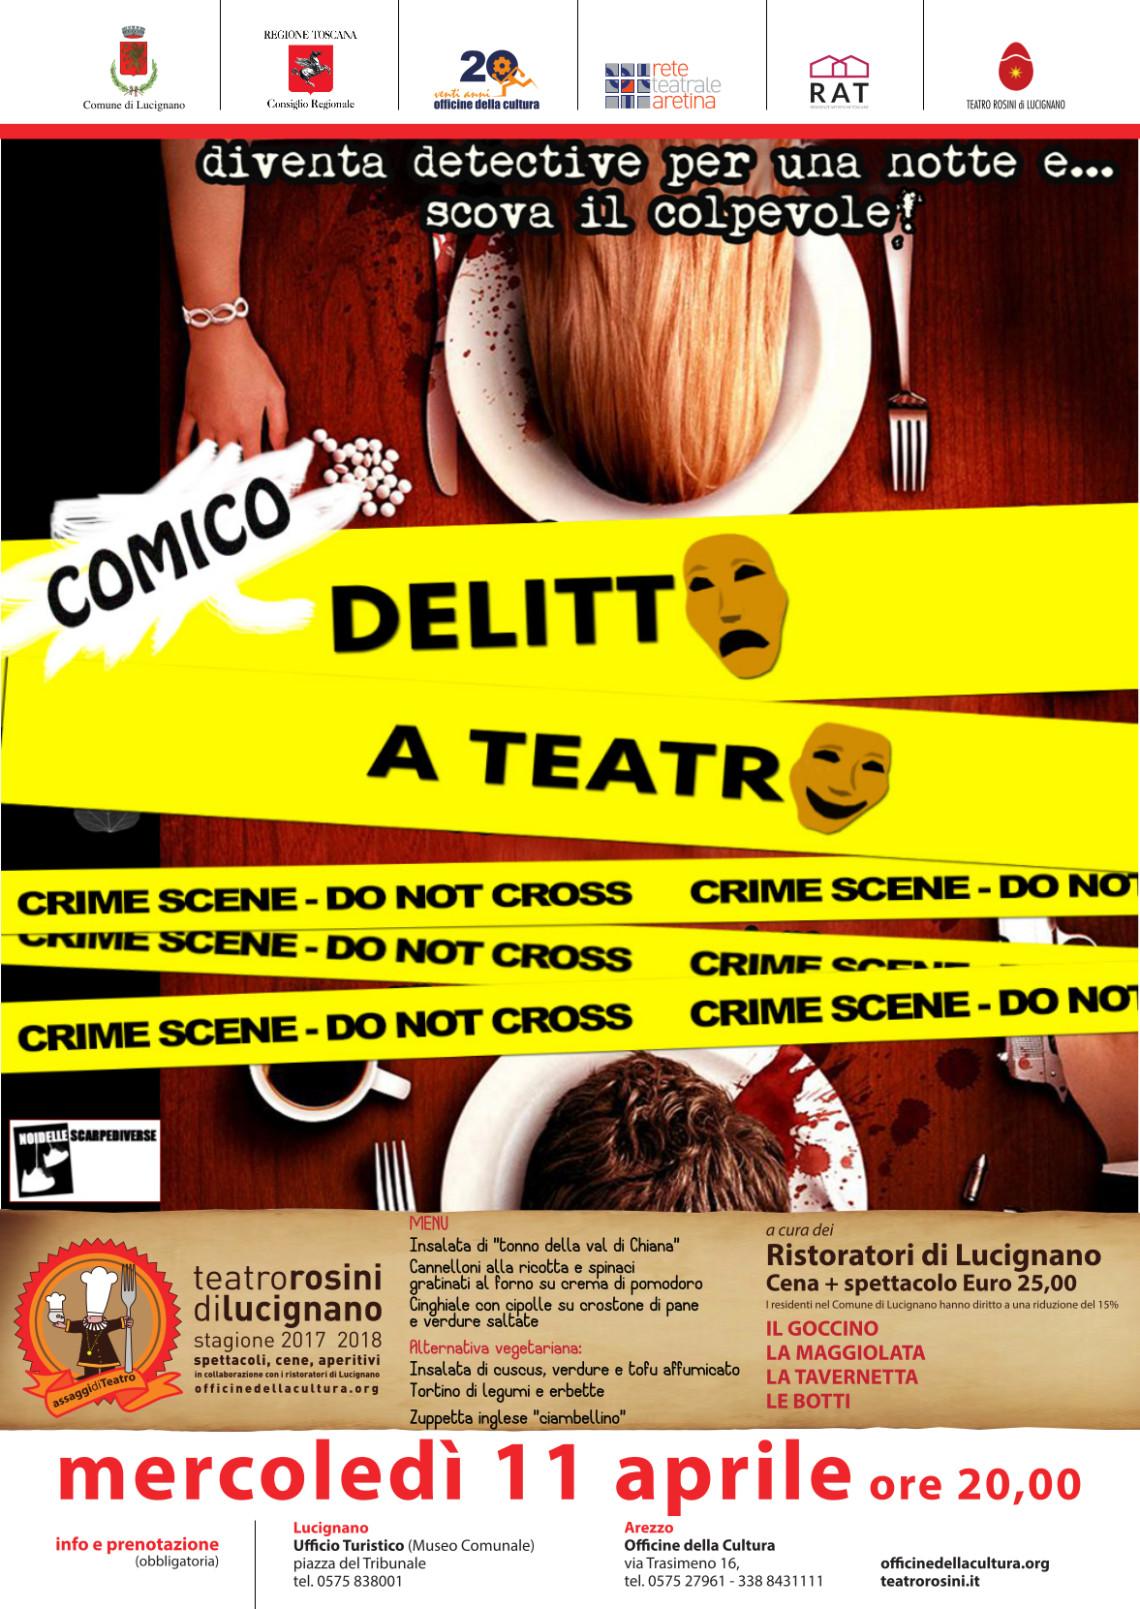 tr-locandina-delitto-a-teatro-copia-1